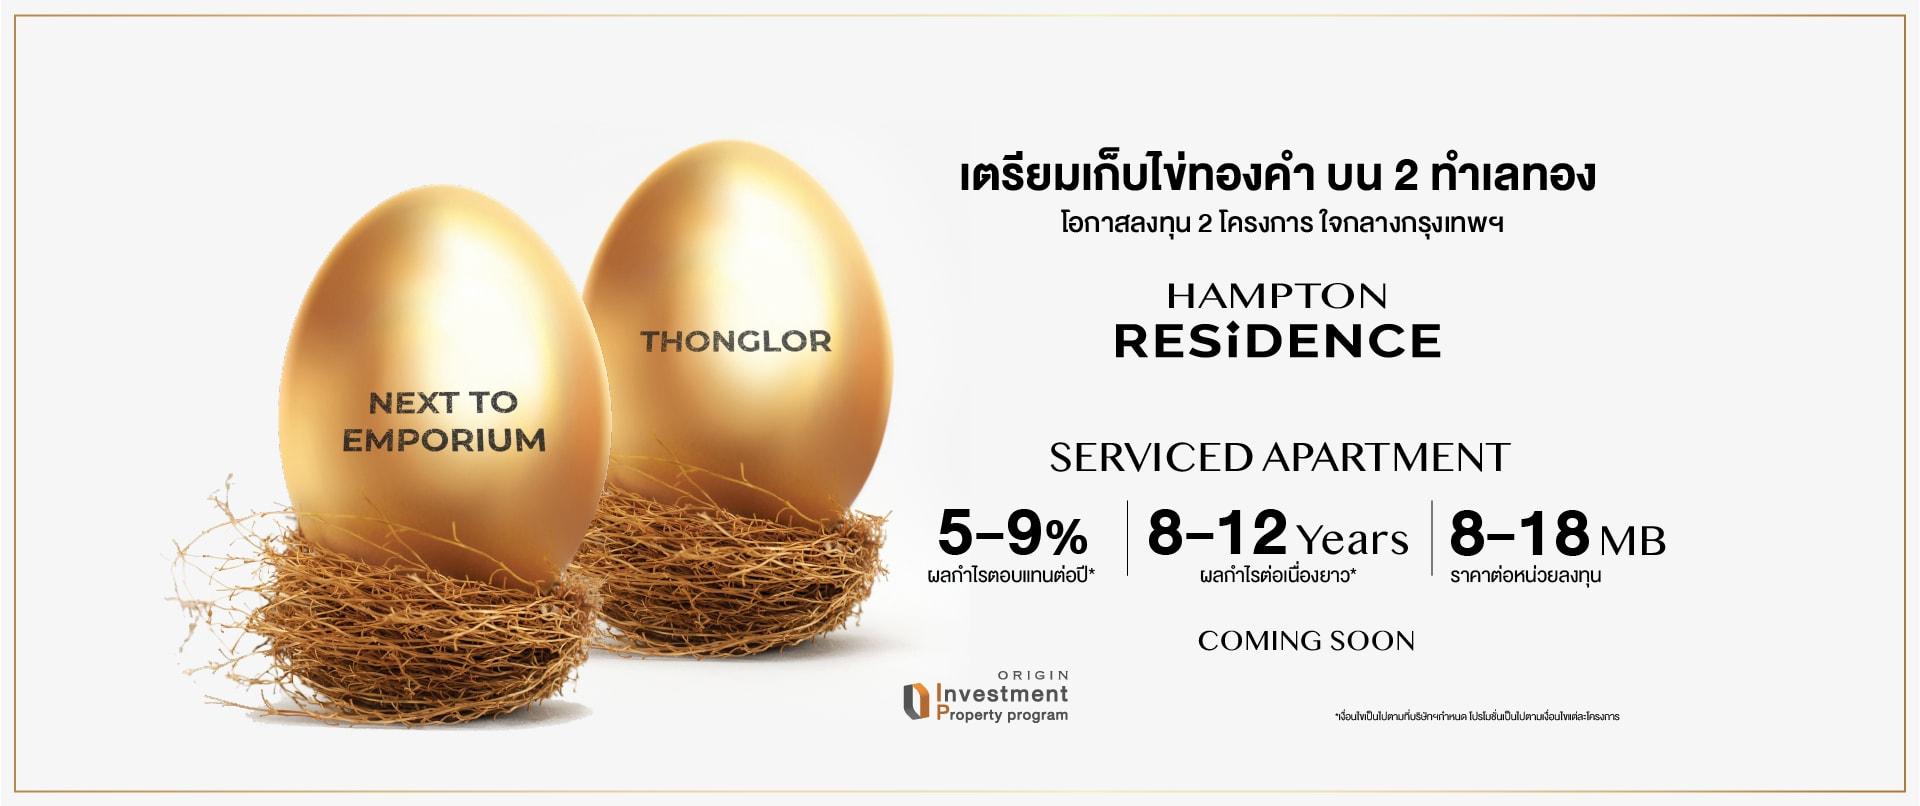 ''เตรียมเก็บไข่ทองคำ''บน 𝟐 ทำเลทอง โอกาสร่วมลงทุนกับ 𝟐 โครงการใหม่ ใจกลางมหานครกรุงเทพฯ พร้อมพงษ์ | ทองหล่อ